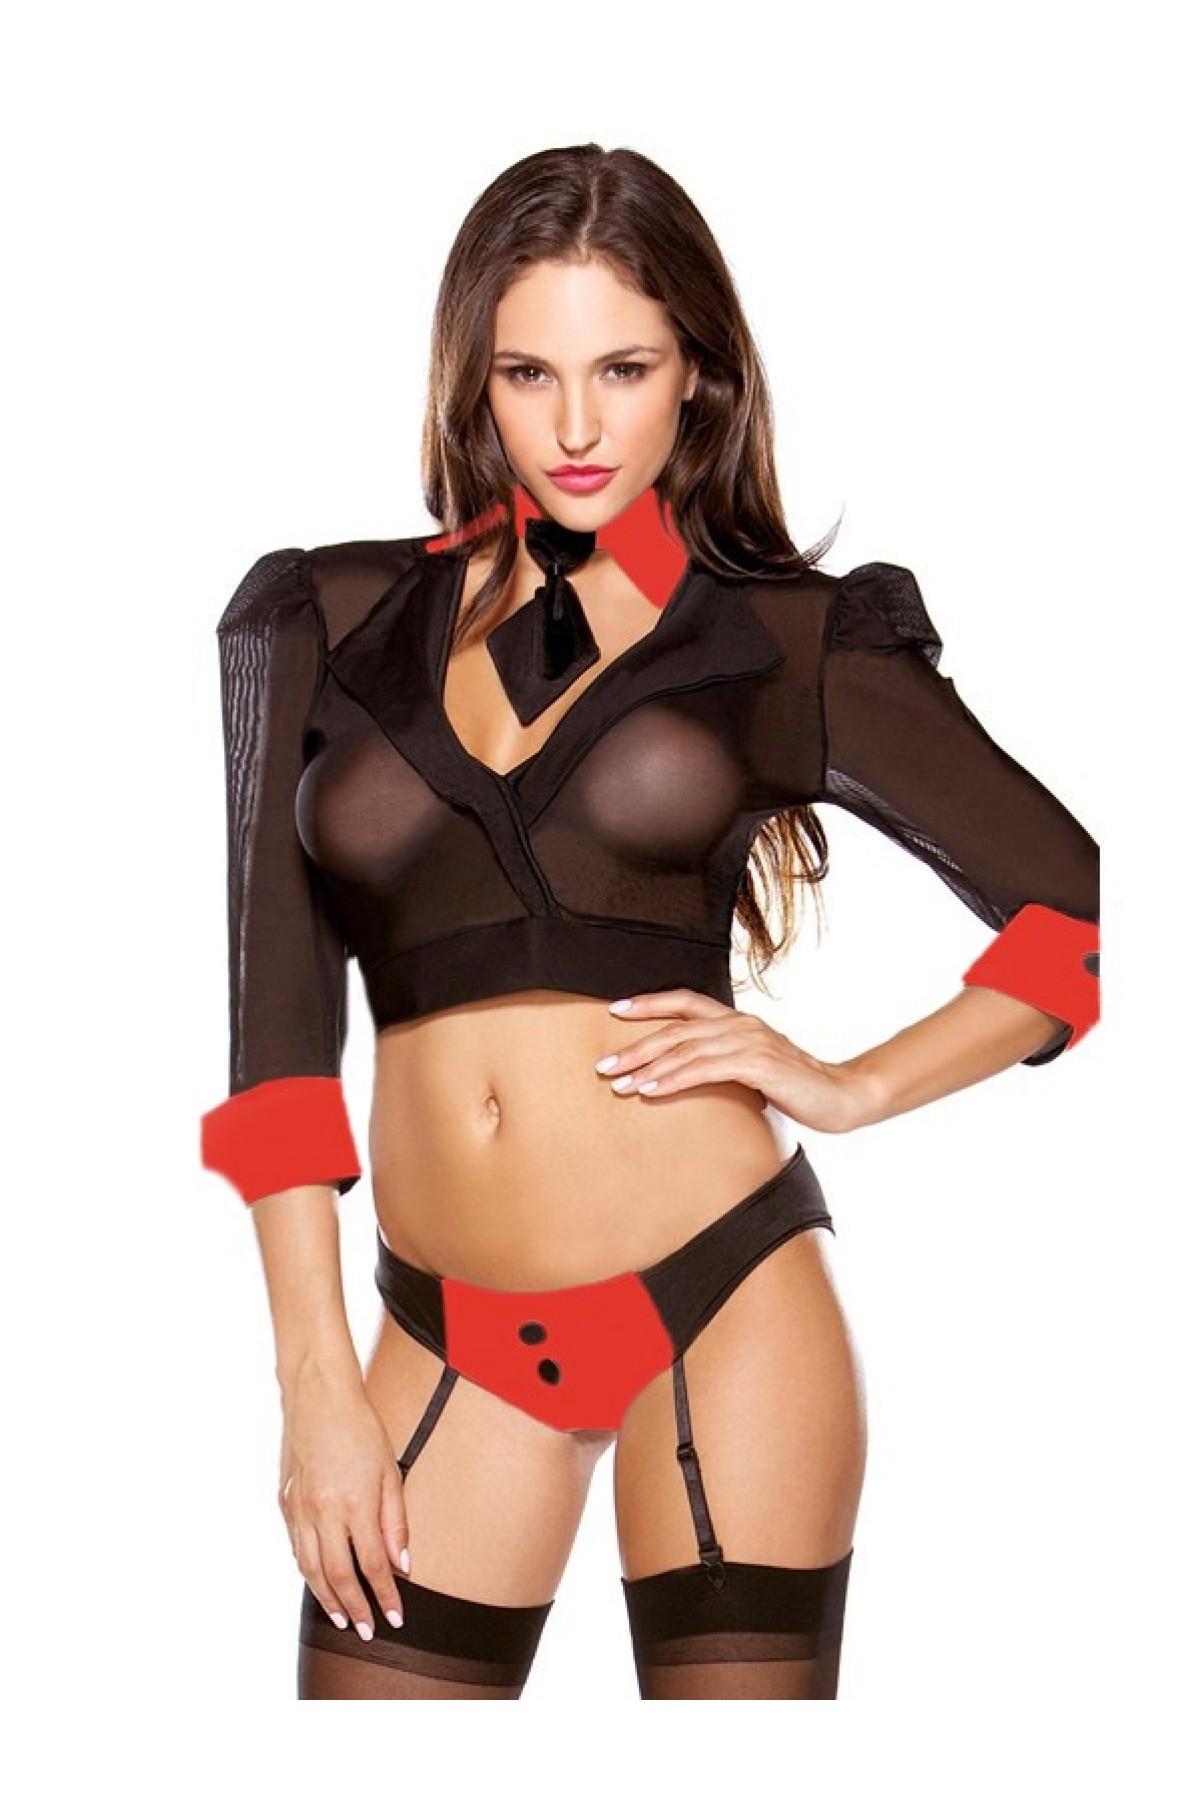 Mite Love Jartiyerli Kırmızı Barmen Kostümü Fantazi Giyim